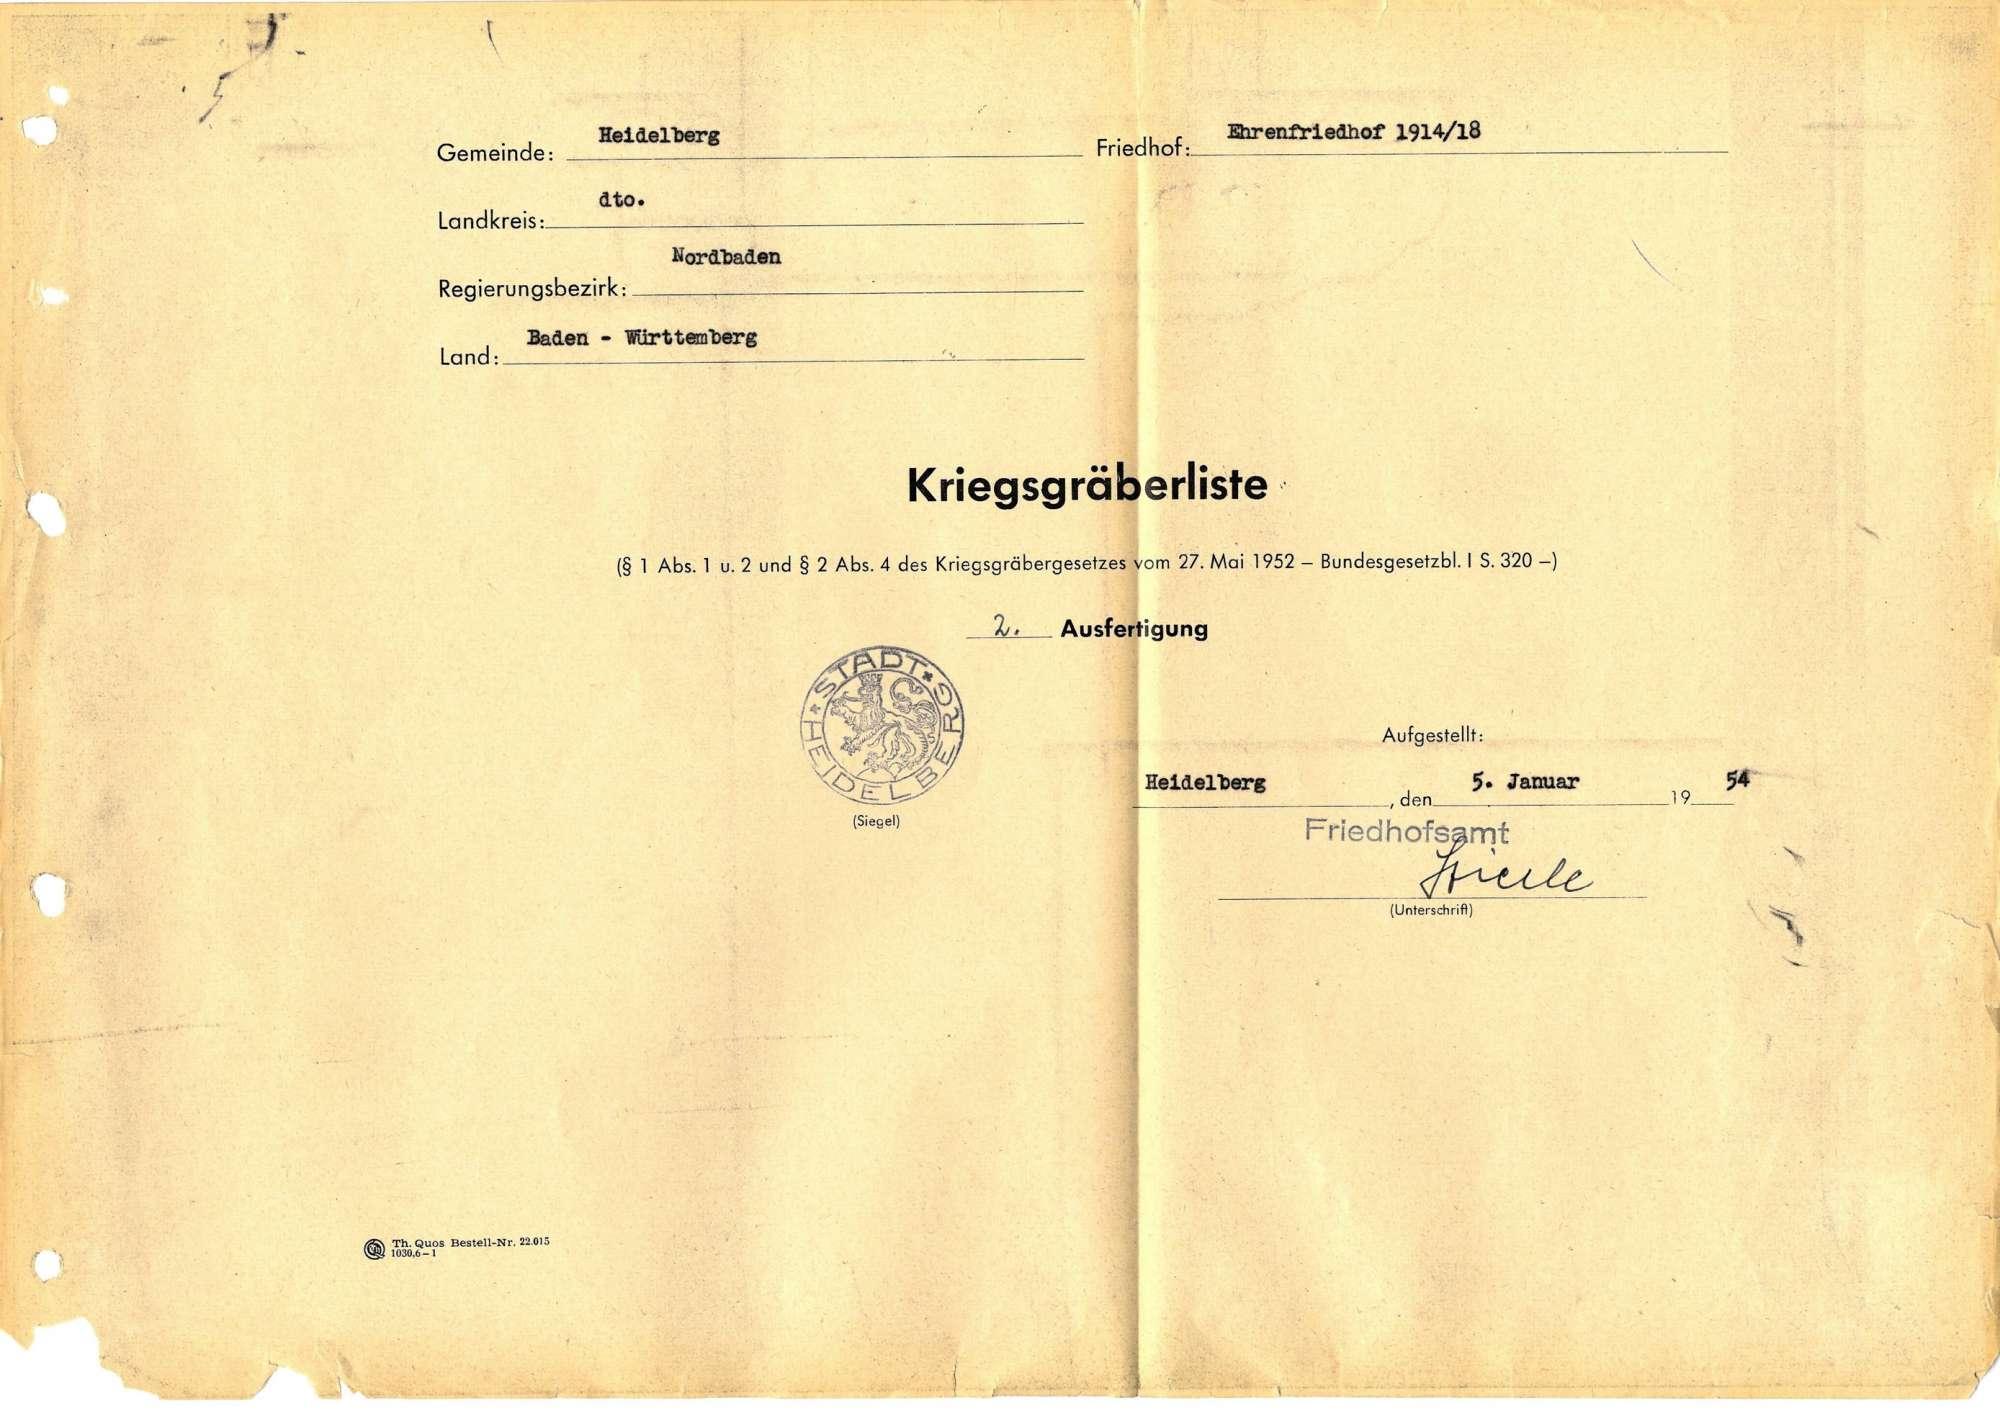 Ehrenfriedhof 1914-18 zug. Heidelberg, Bild 1